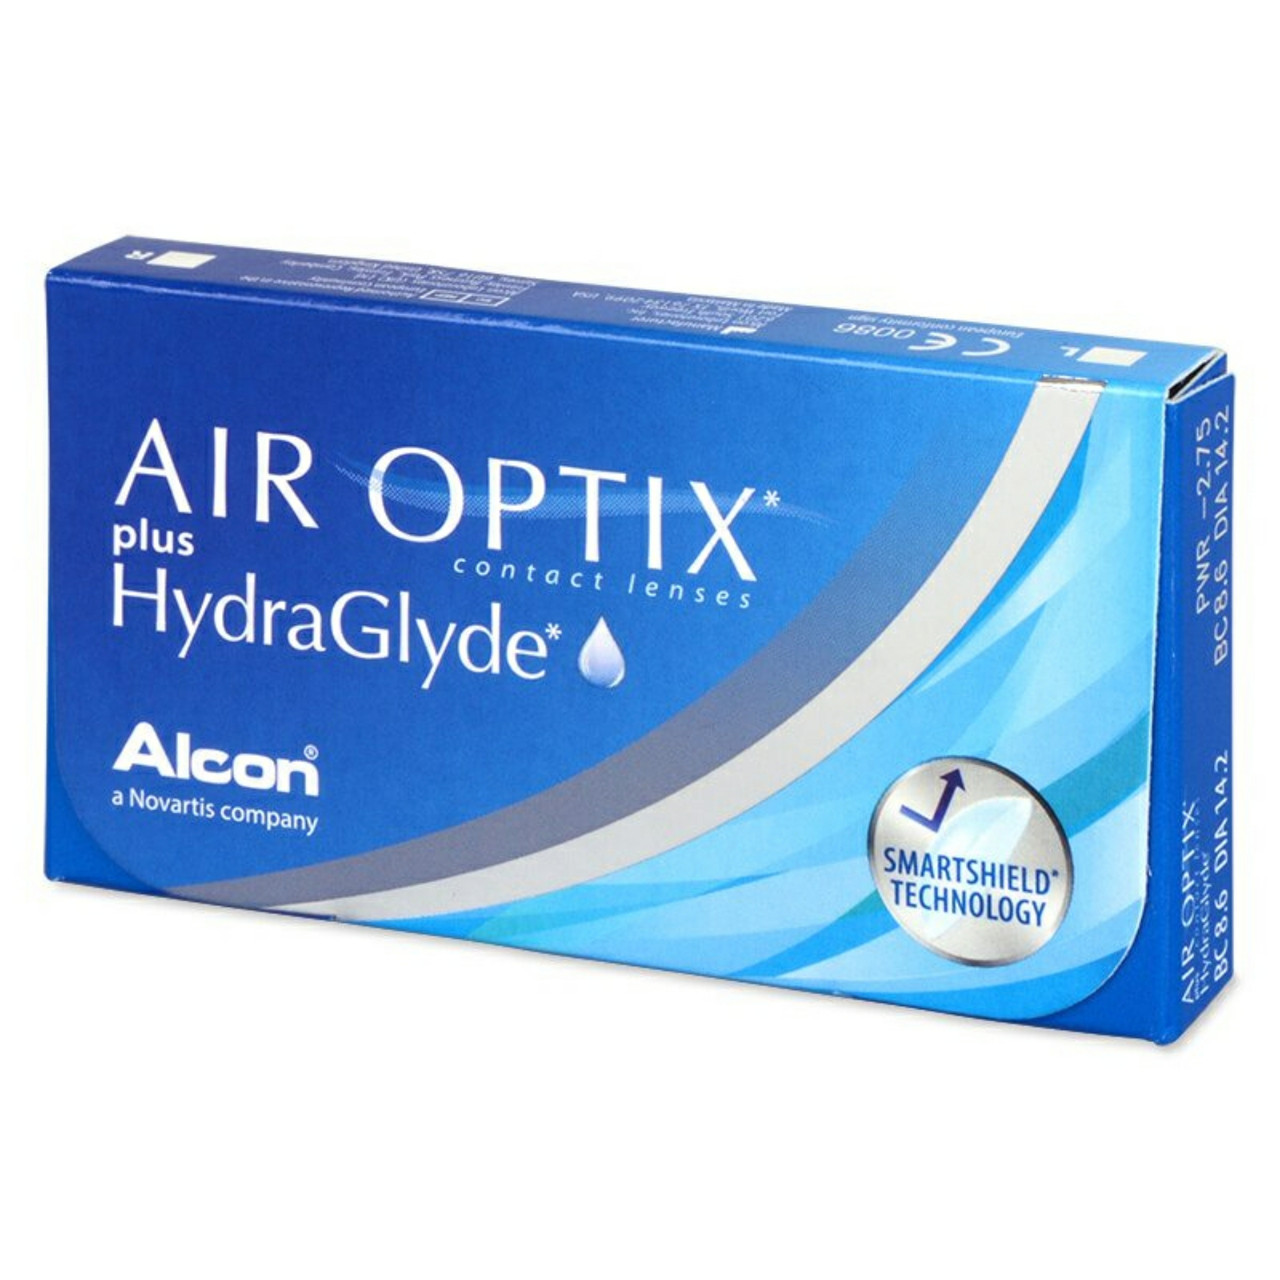 Контактные линзы от +0,50 до +8,00 Air Optix plus HydraGlyde